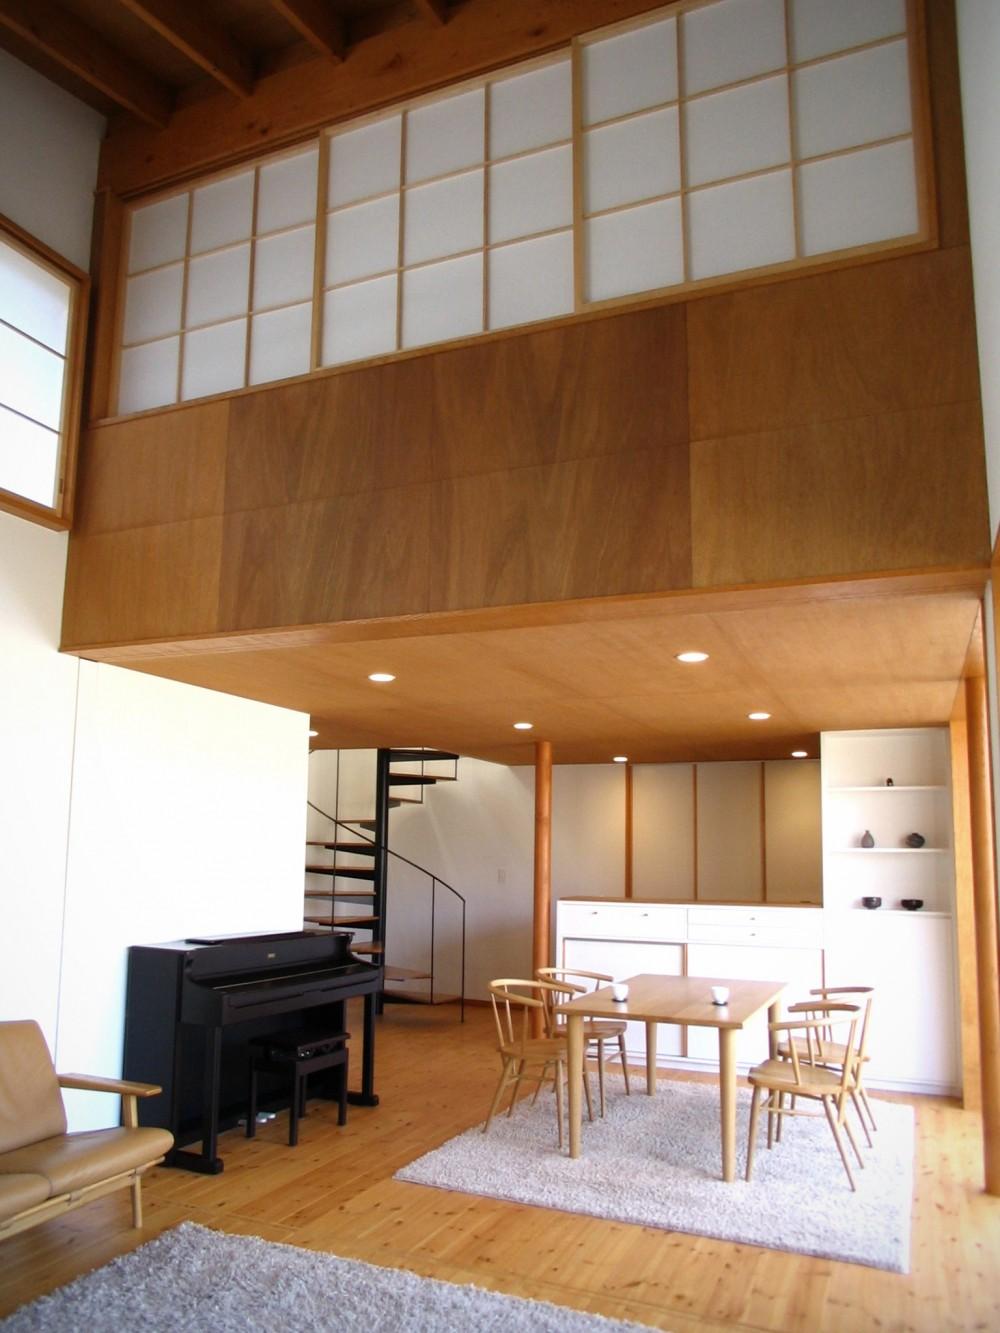 軽井沢の家~木々を一切切らずそのままの敷地を生かし、そこにそっと置いてあげたような住宅~ (軽井沢の家 リビングダイニングキッチン)